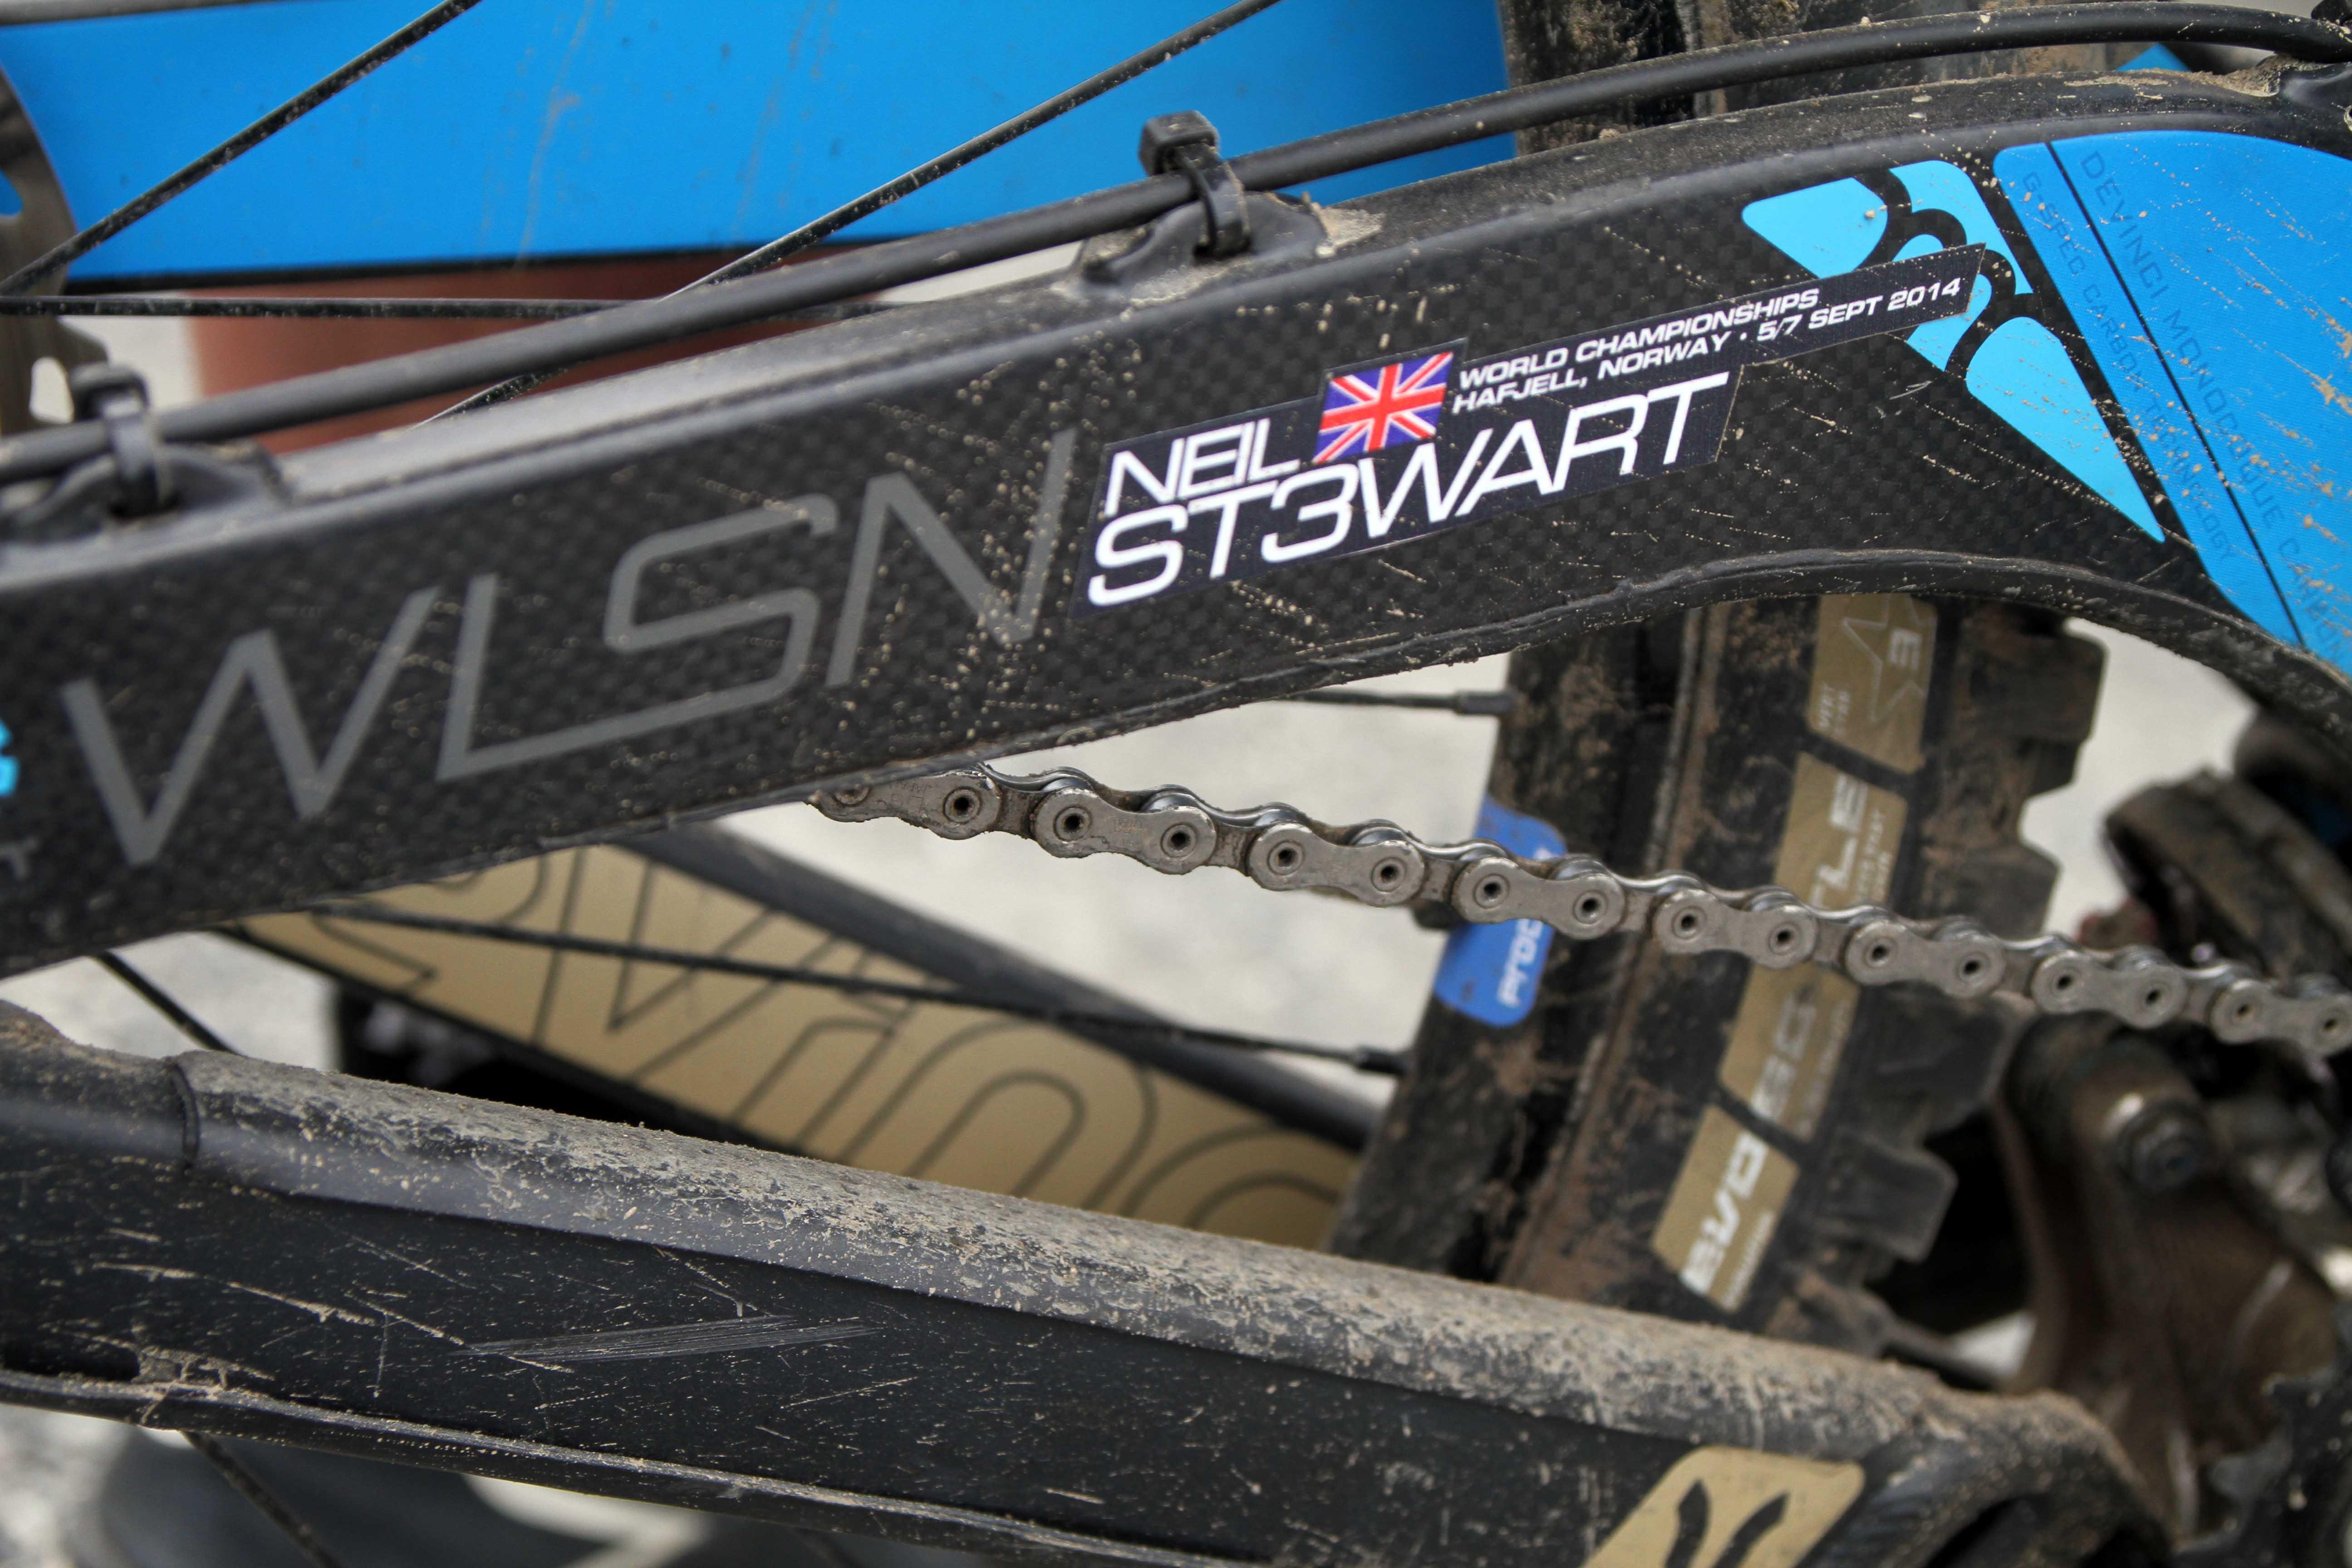 Who is Neil Stewart? Das wohl bekannteste Hashtag im Downhill Zirkus. Die Antwort: Das Nachwuchstalent aus dem FMB Racing Team.